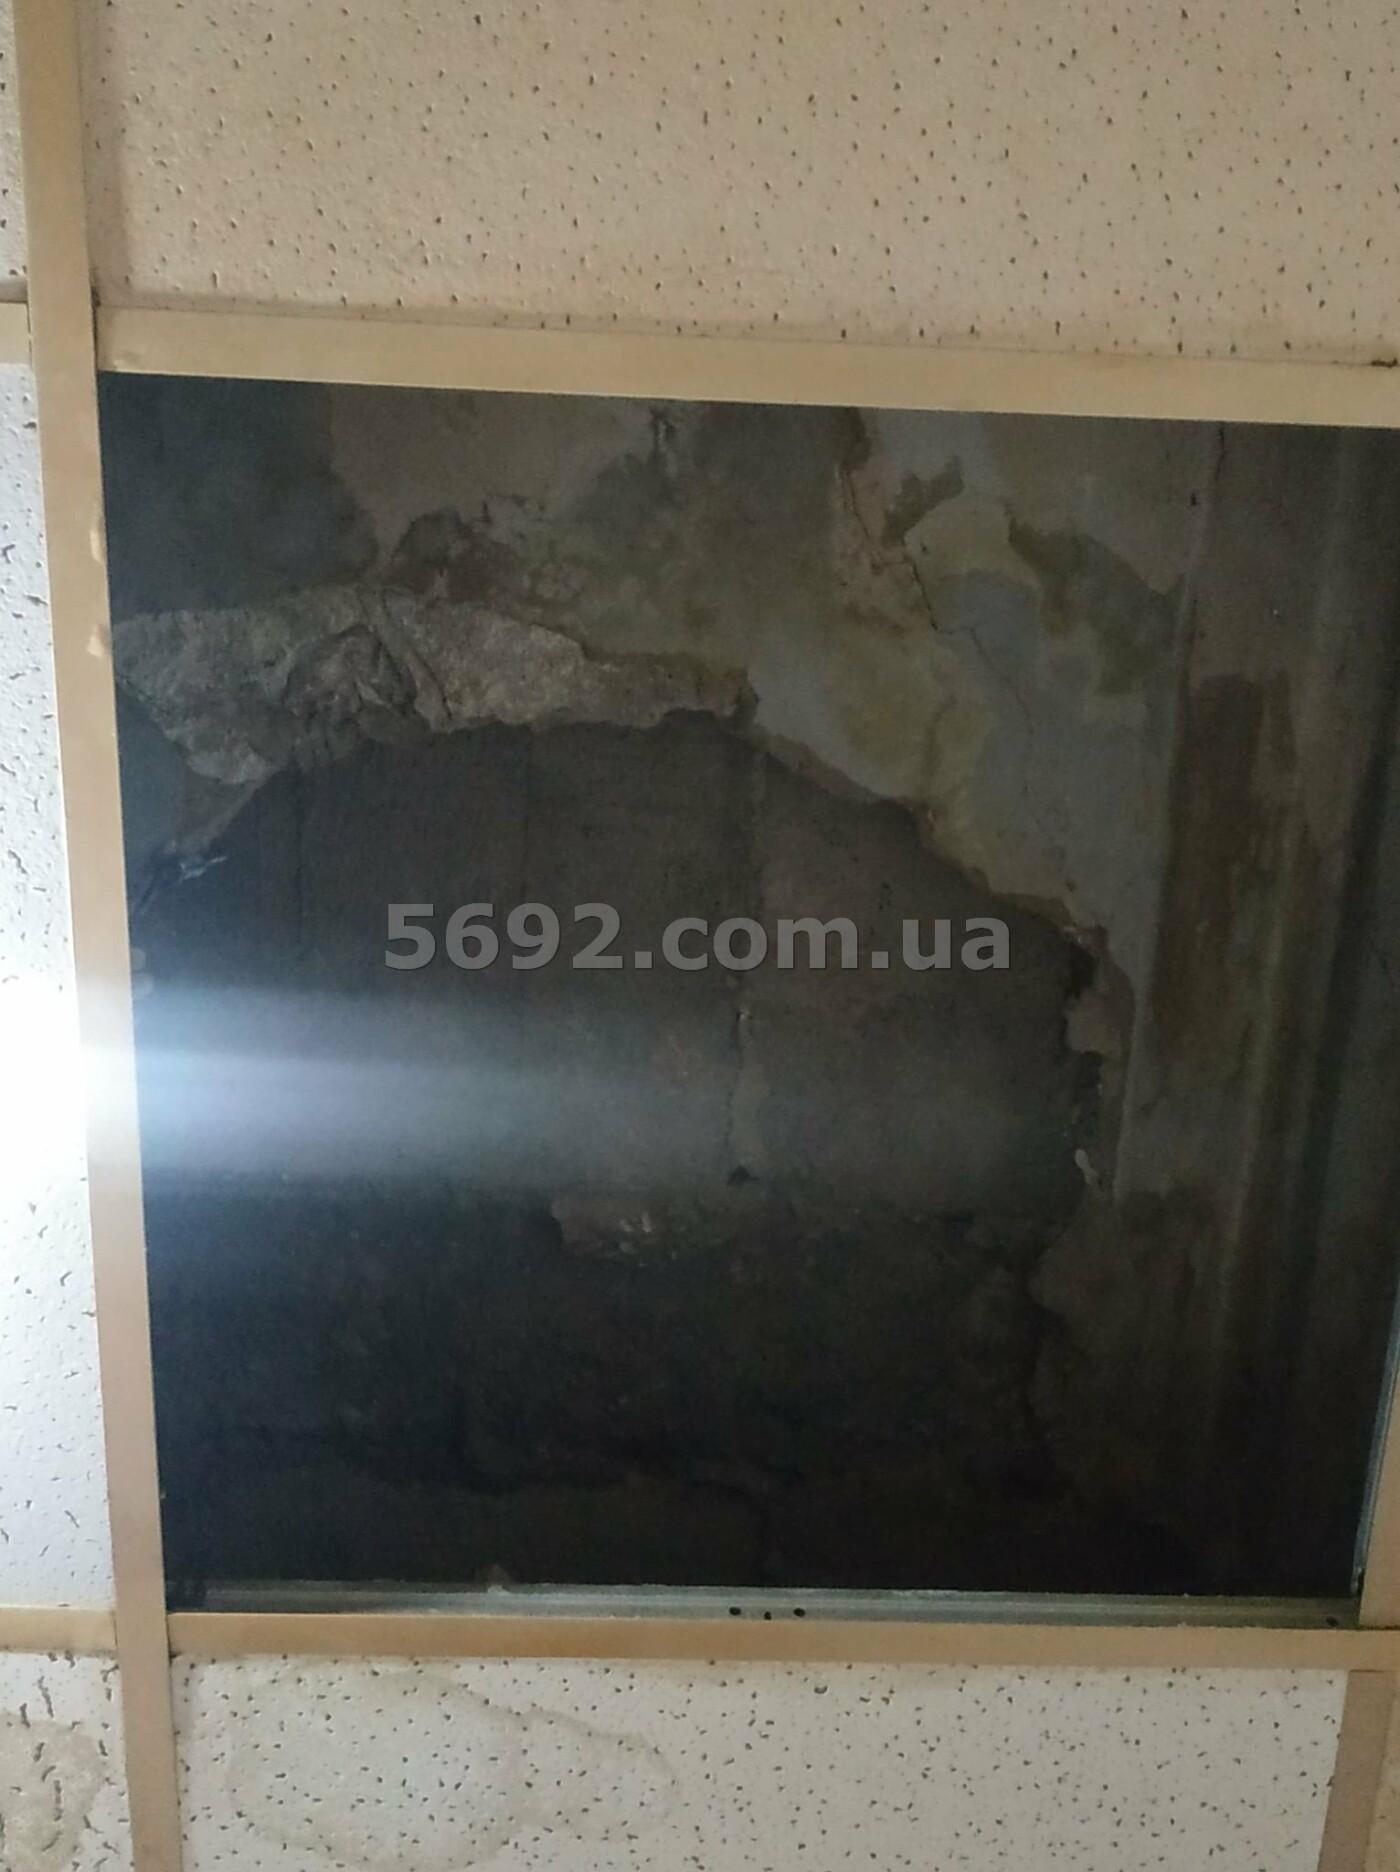 В общежитии ДНУ в Днепре обвалился потолок, фото-1